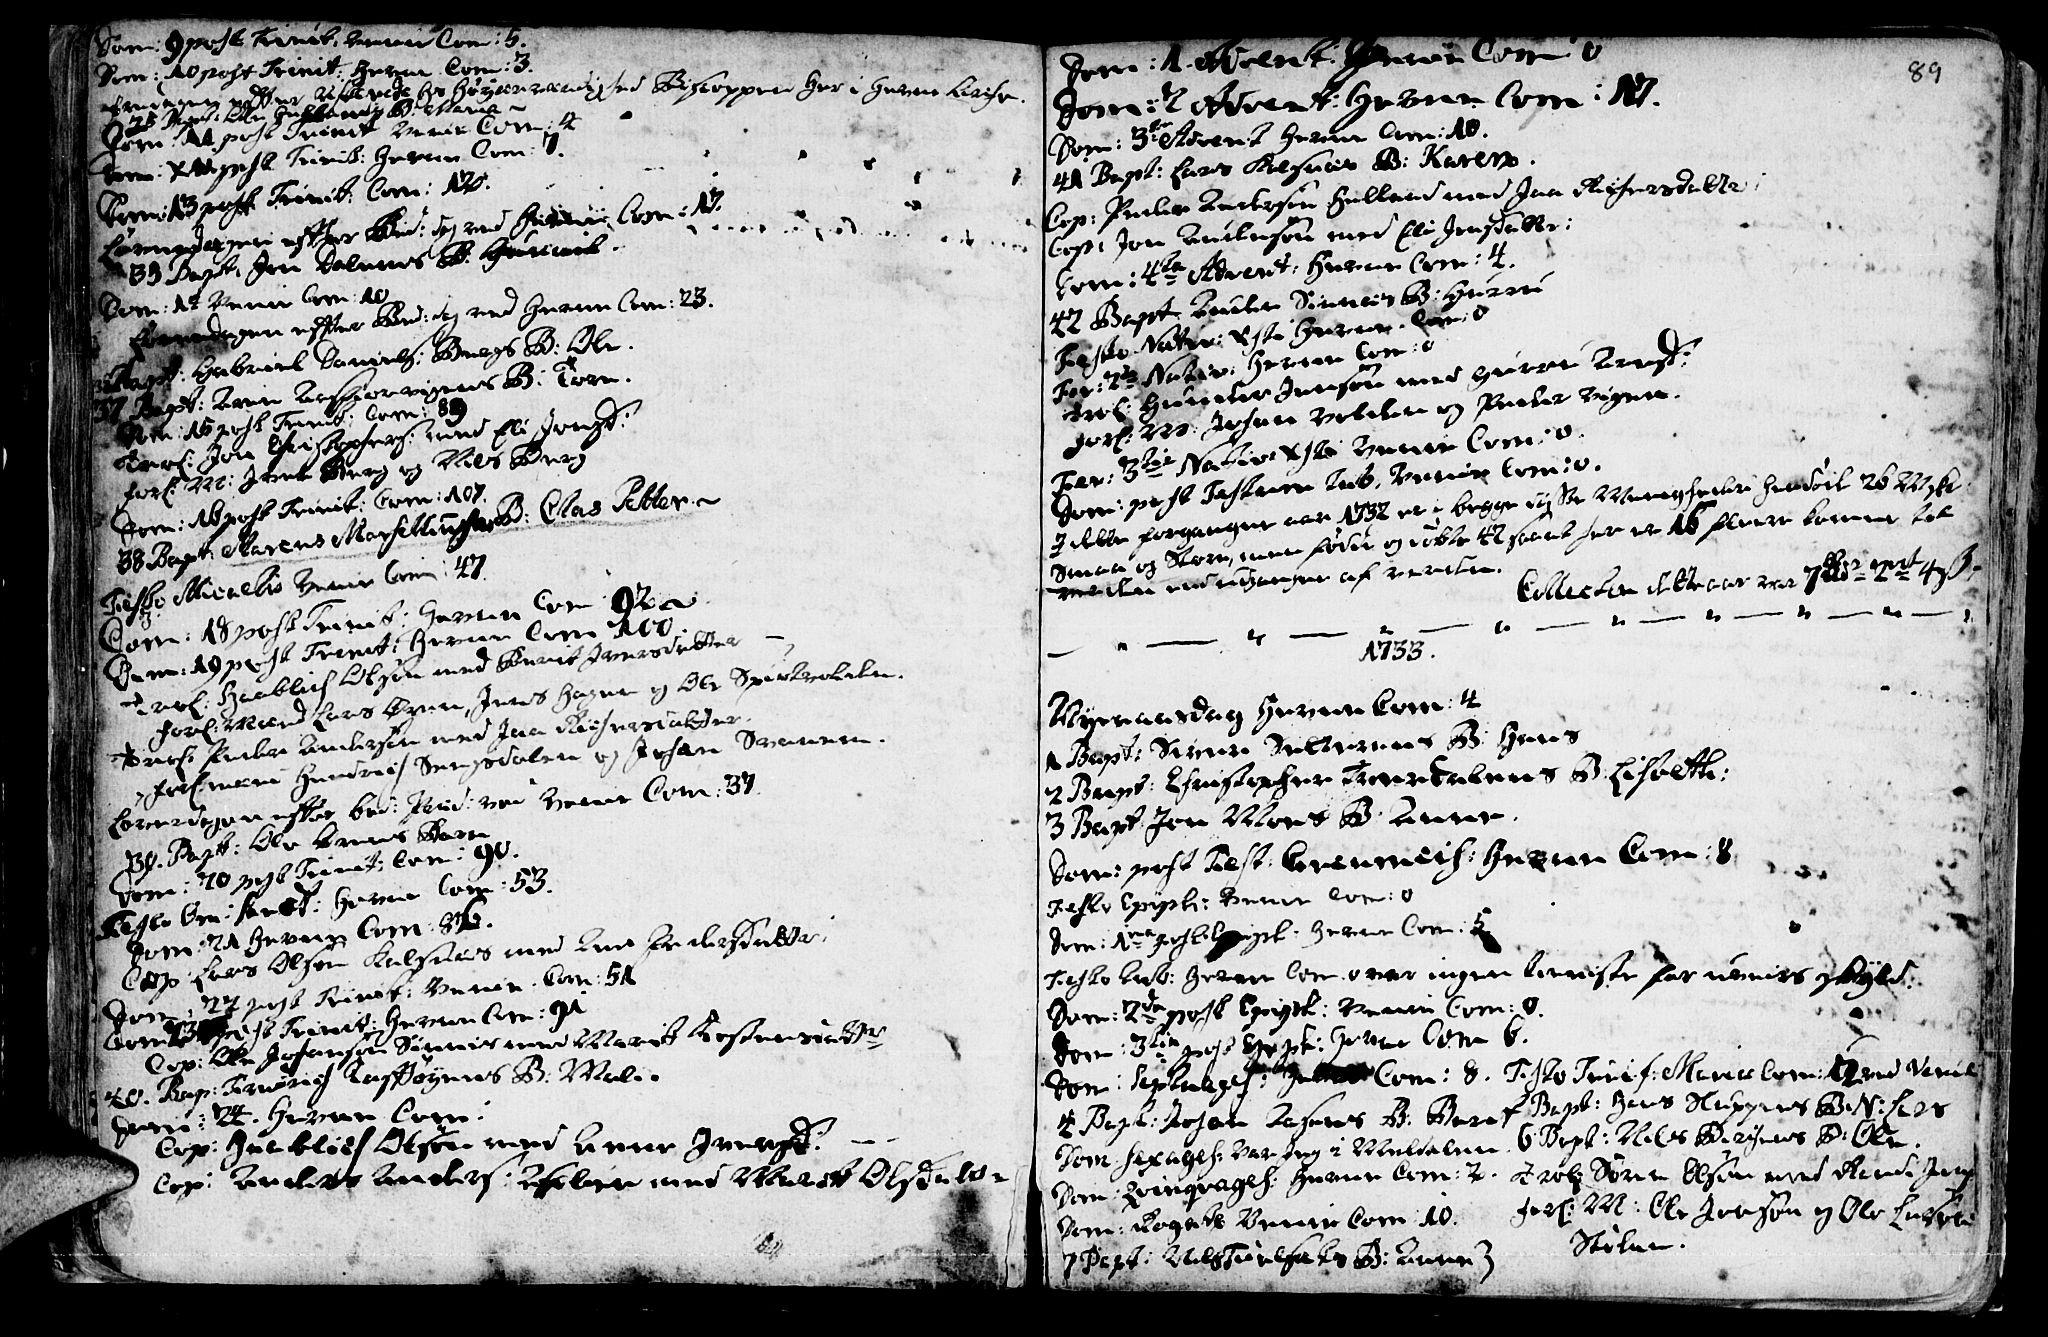 SAT, Ministerialprotokoller, klokkerbøker og fødselsregistre - Sør-Trøndelag, 630/L0488: Ministerialbok nr. 630A01, 1717-1756, s. 88-89